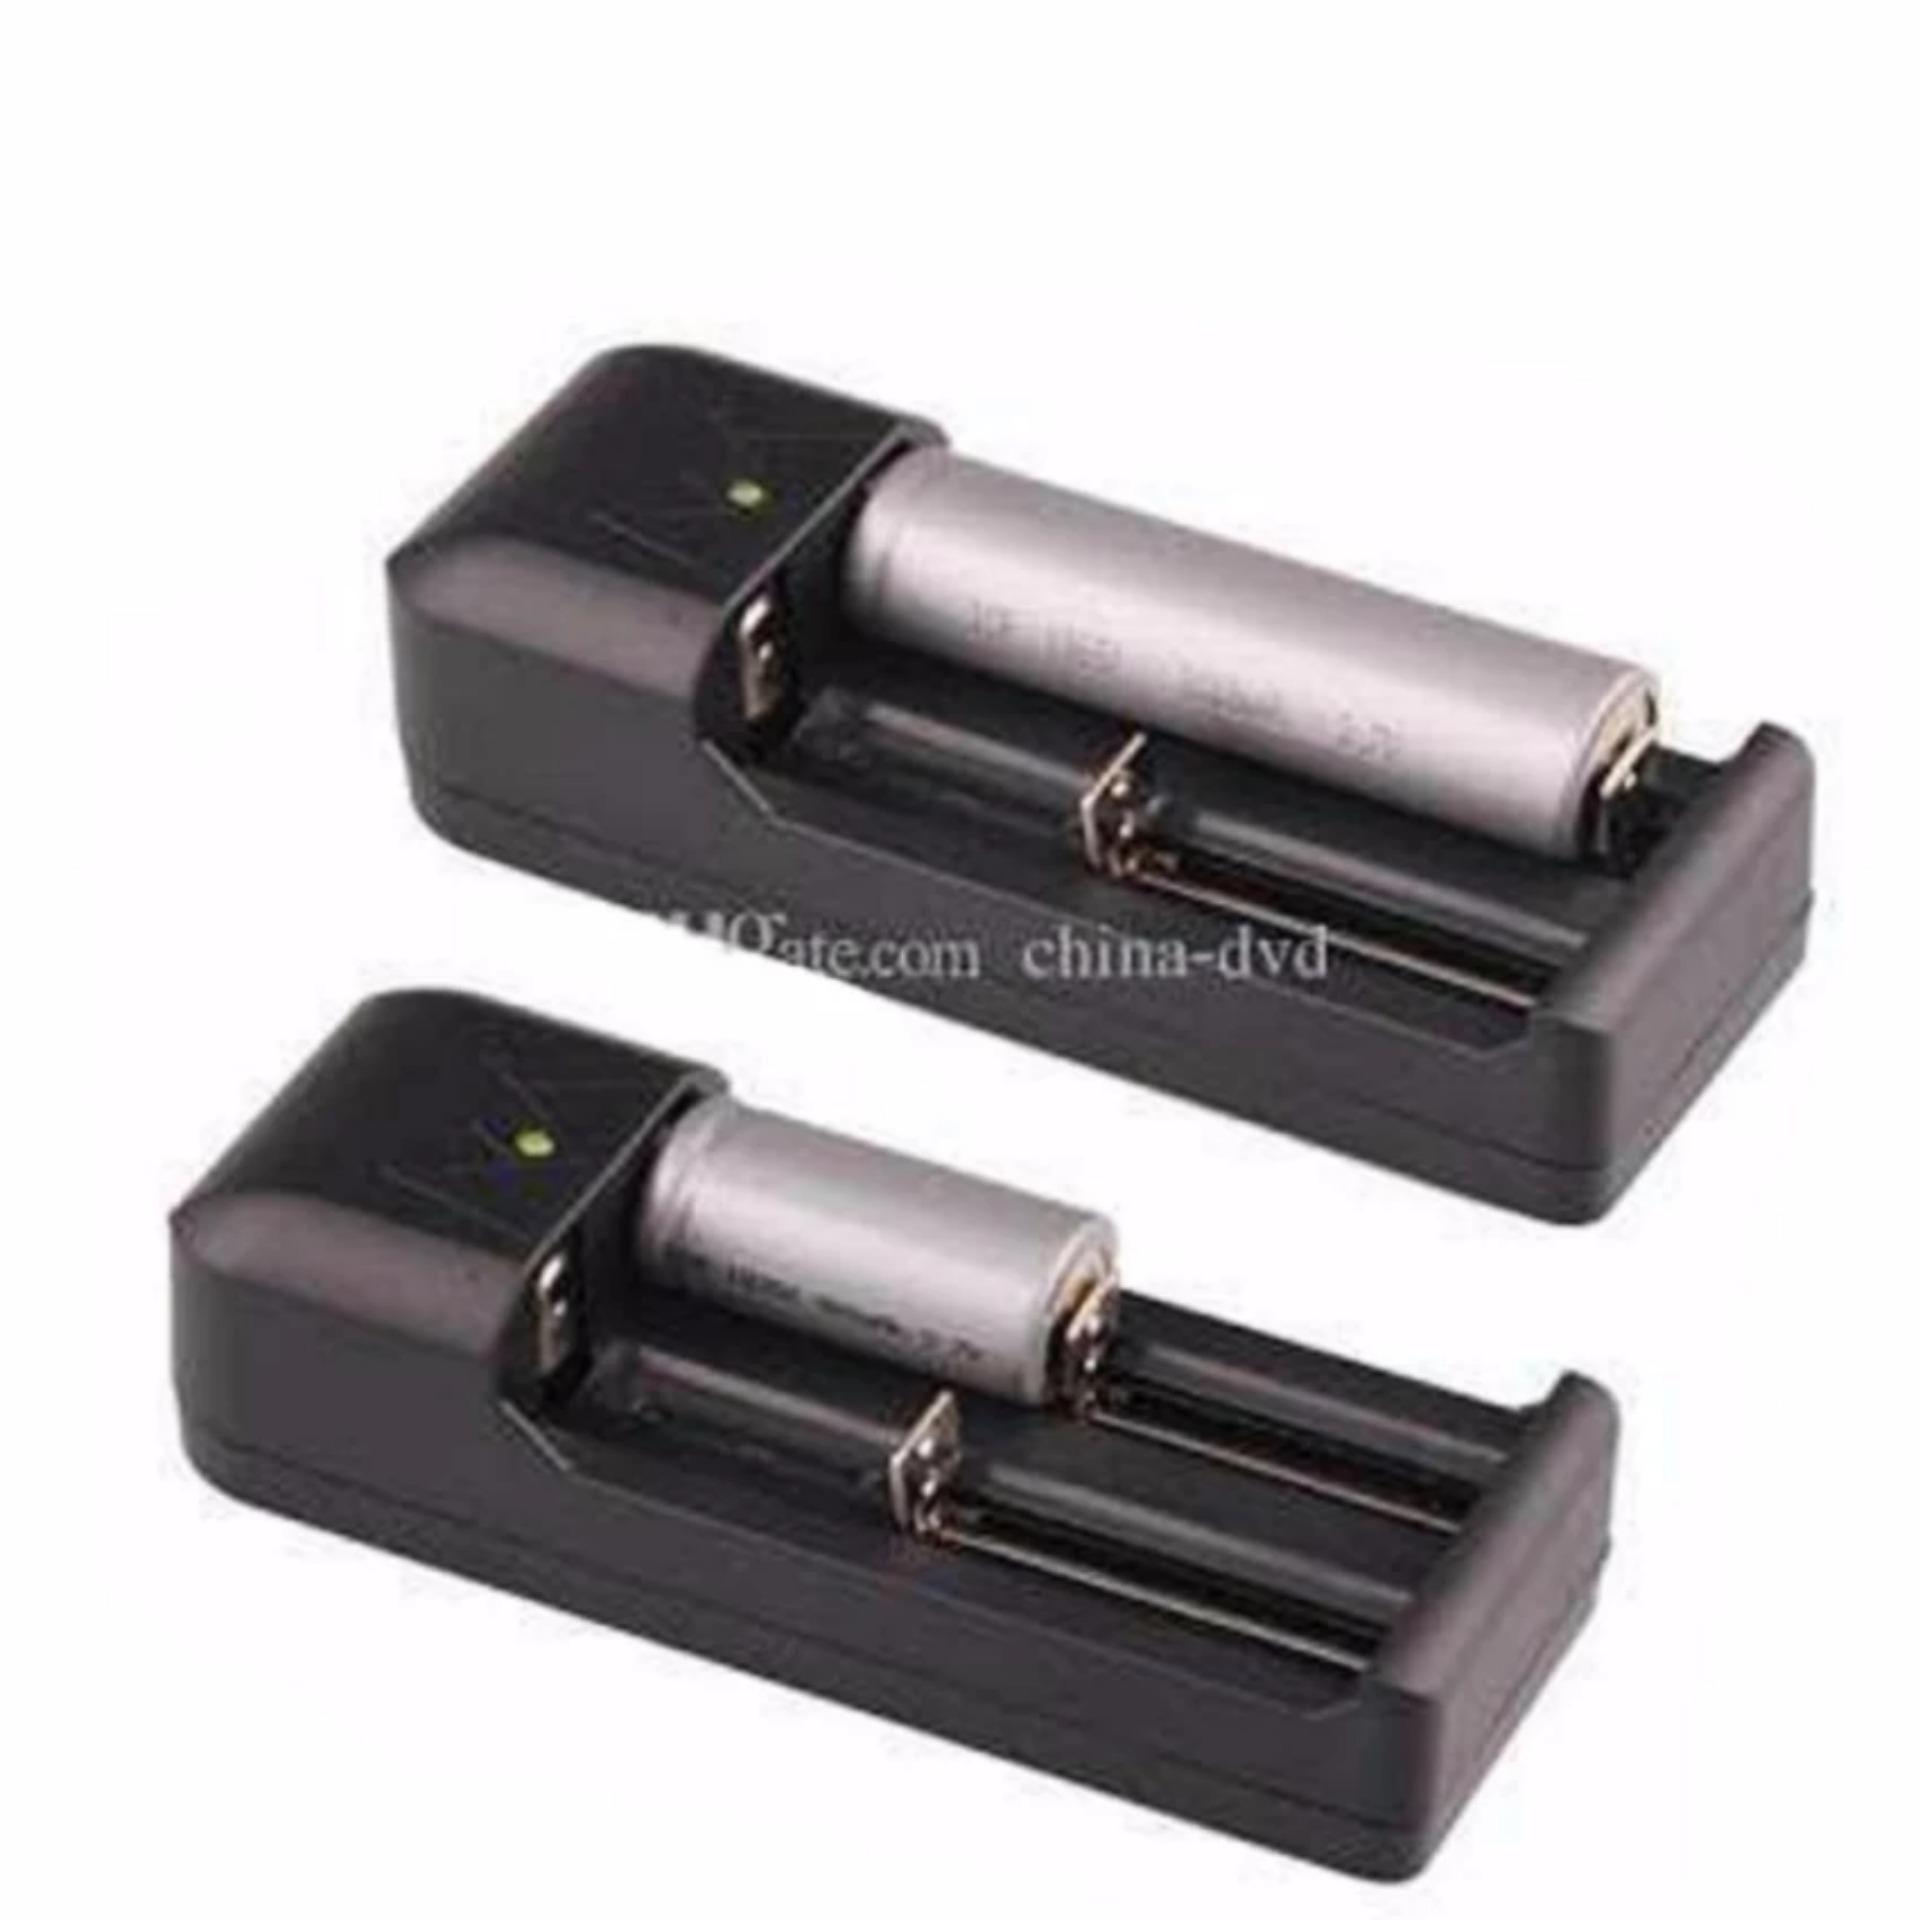 Charger Baterai Desktop 2 Slot Baterai Vape Rokok Eletrik AWT 18650 18350 18500 dan competible semua ...